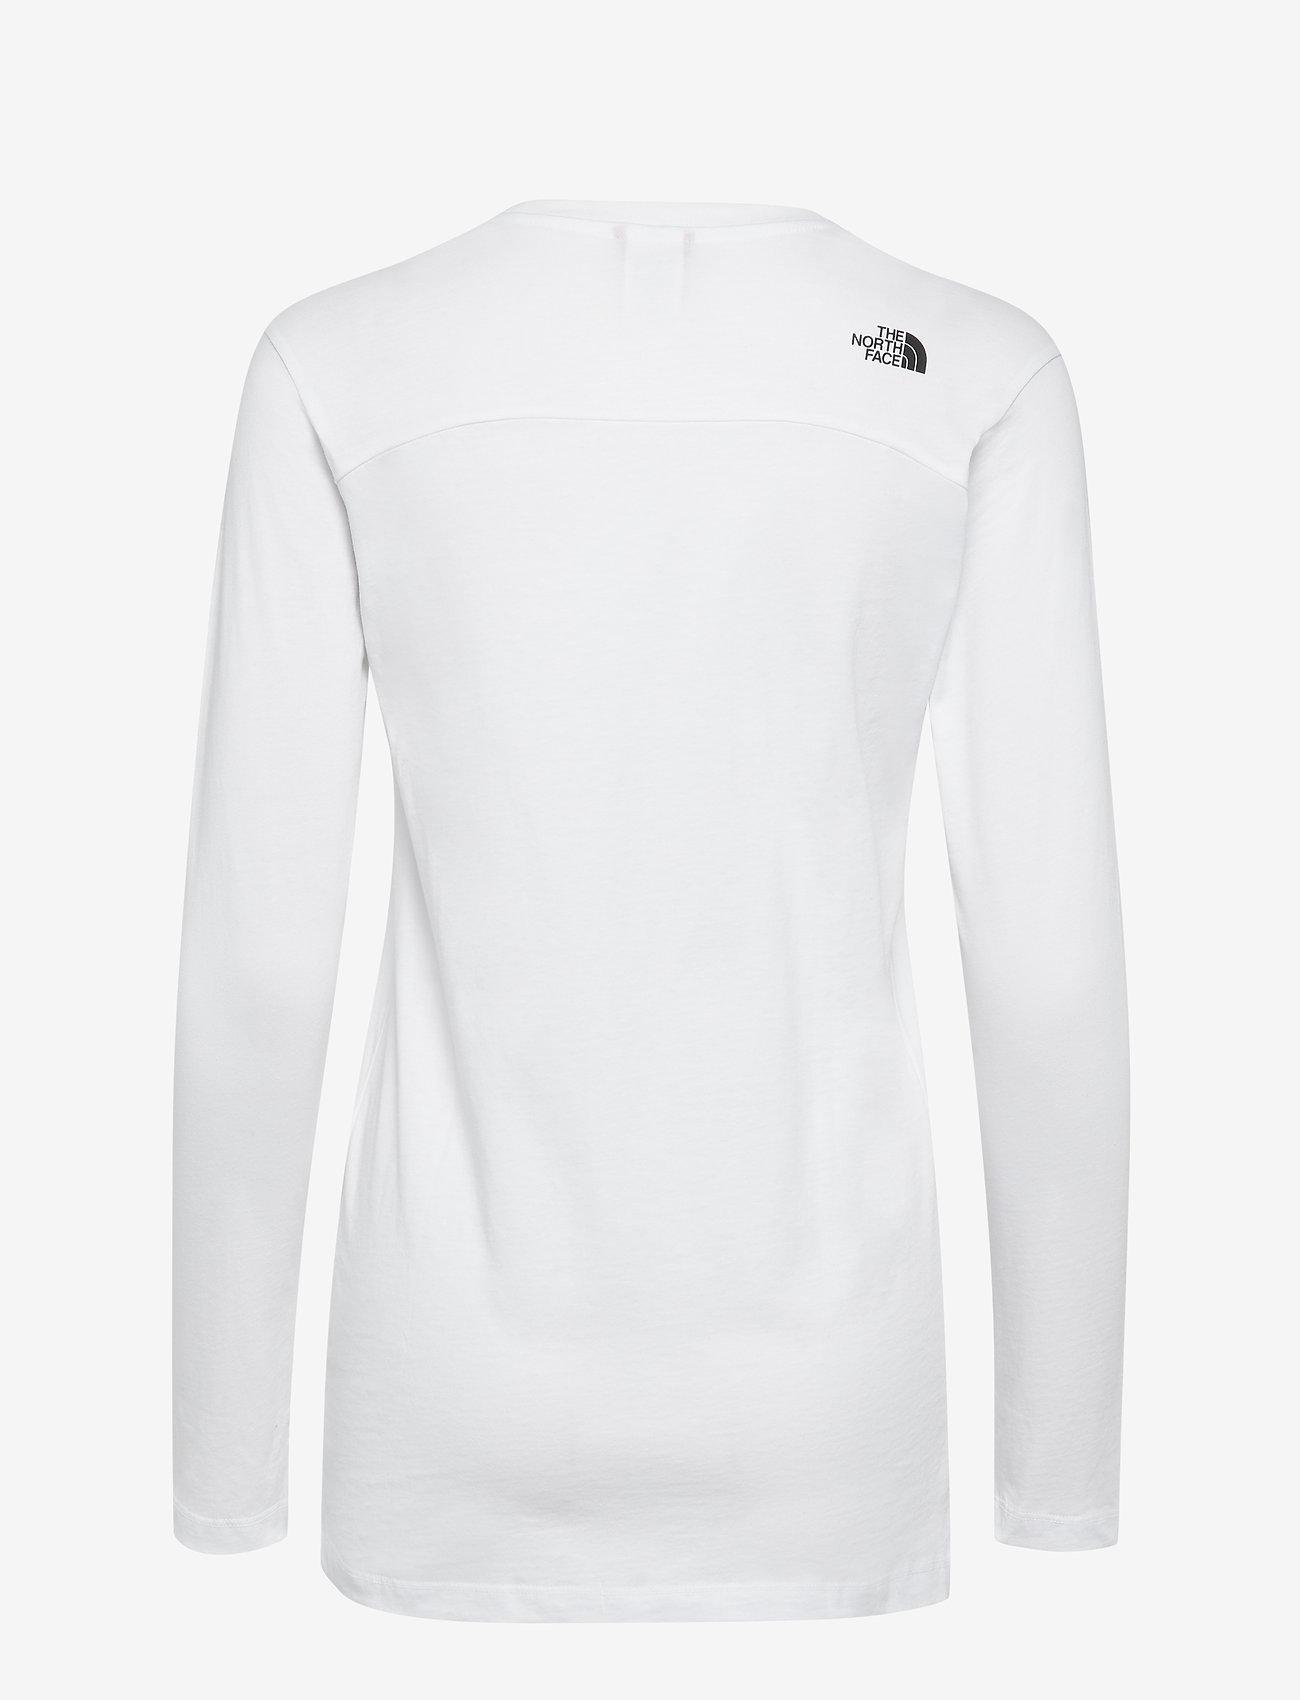 The North Face - W L/S SIMPLEDOME TEE - bluzki z długim rękawem - tnf white - 1